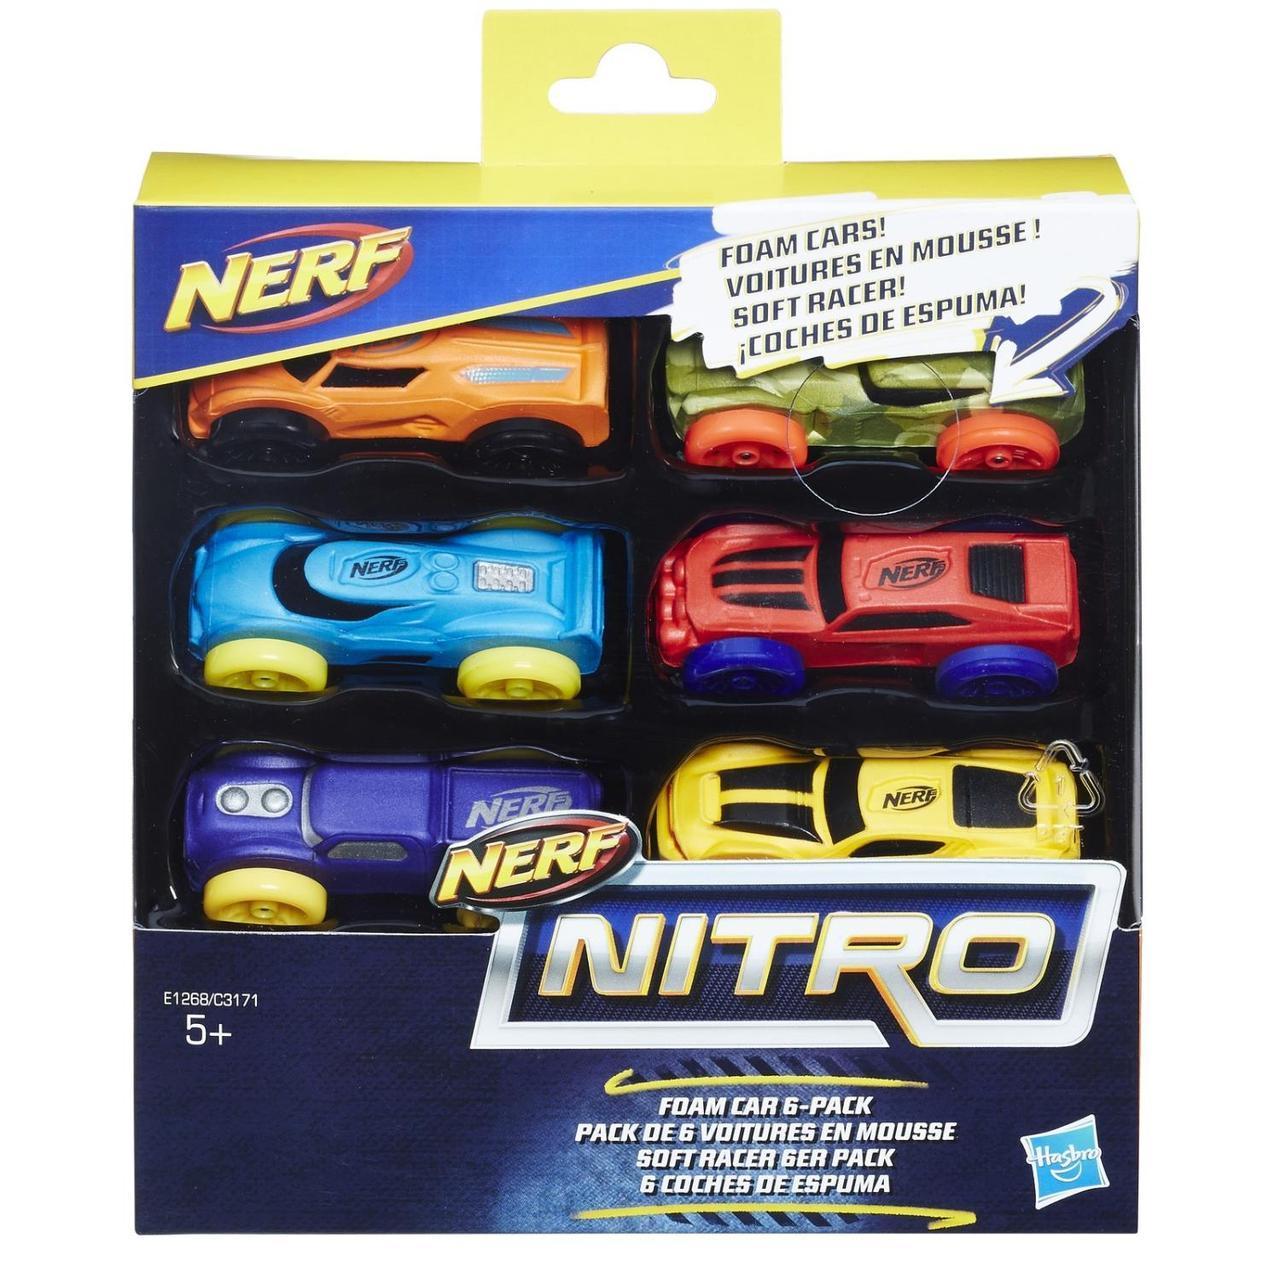 Hasbro Nerf Nitro Набор из 6 машинок Нитро